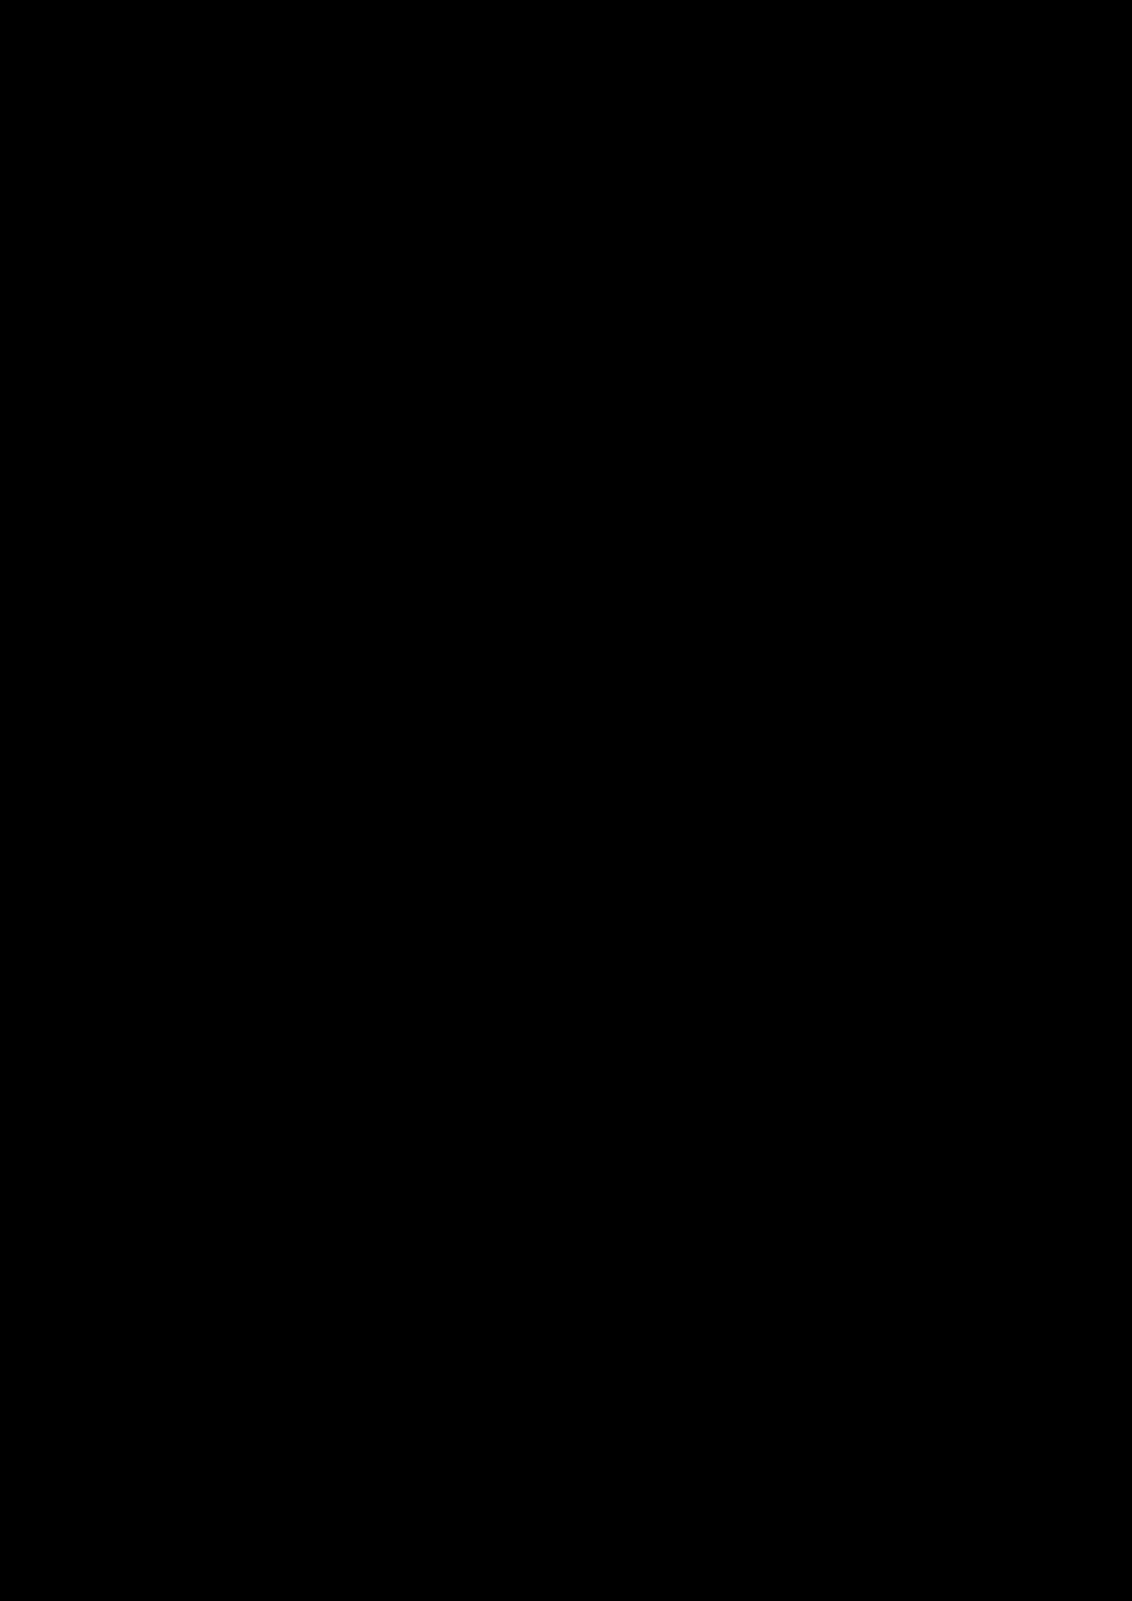 Serdtse slide, Image 26